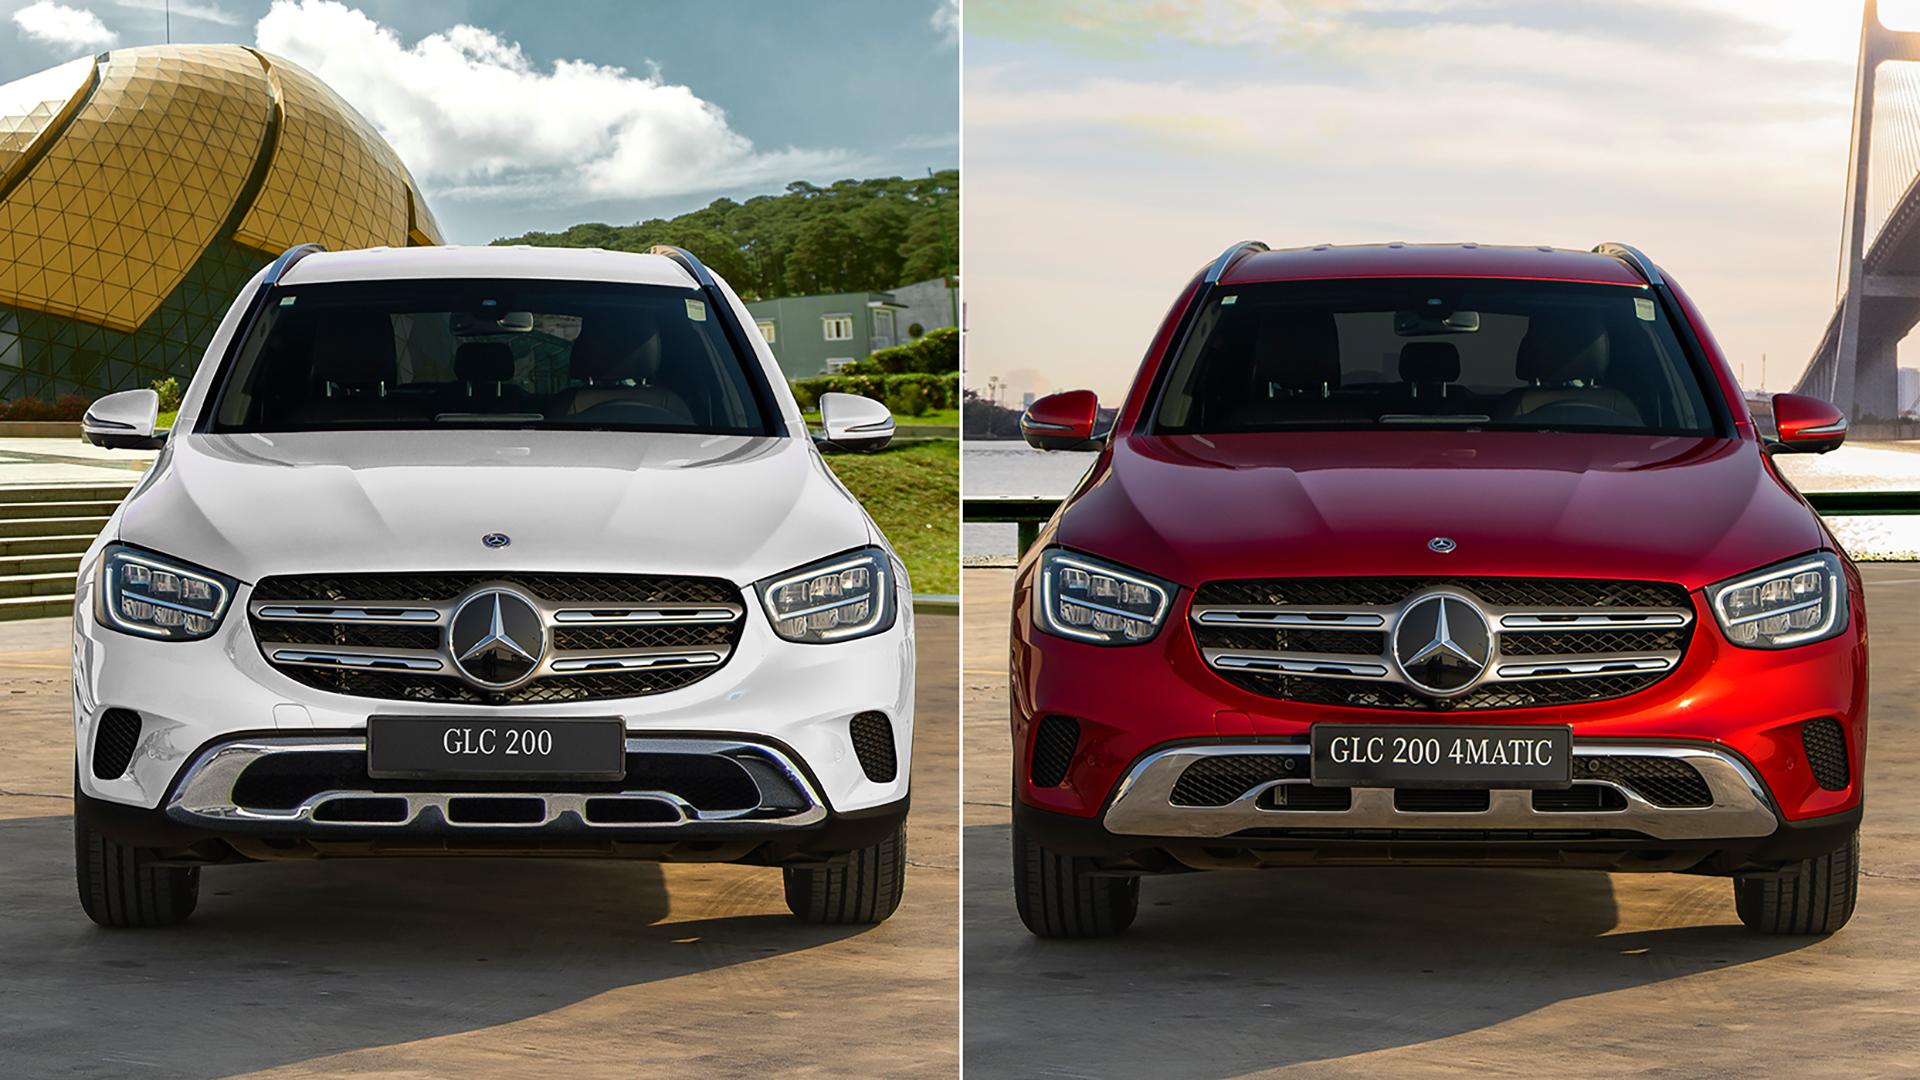 So sánh Mercedes GLC 200 giá 1,749 tỷ và GLC 200 4Matic 2020 giá 2,039 tỷ